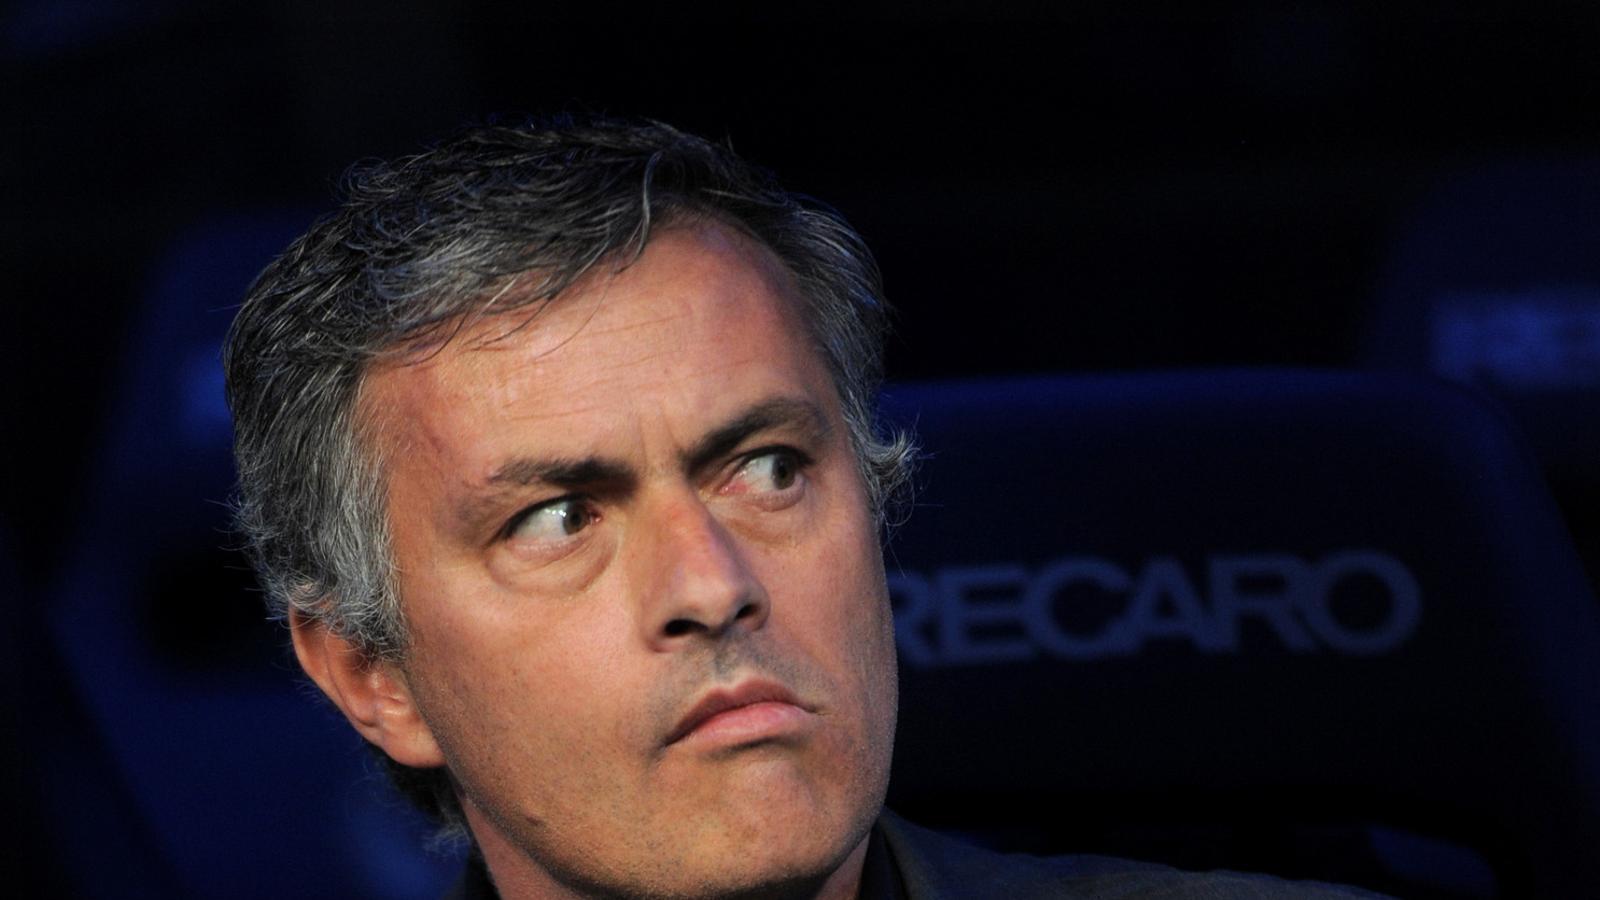 Mourinho té el mateix agent que Pepe, Jorge Medes. / JASPER JUINEN / GETTY